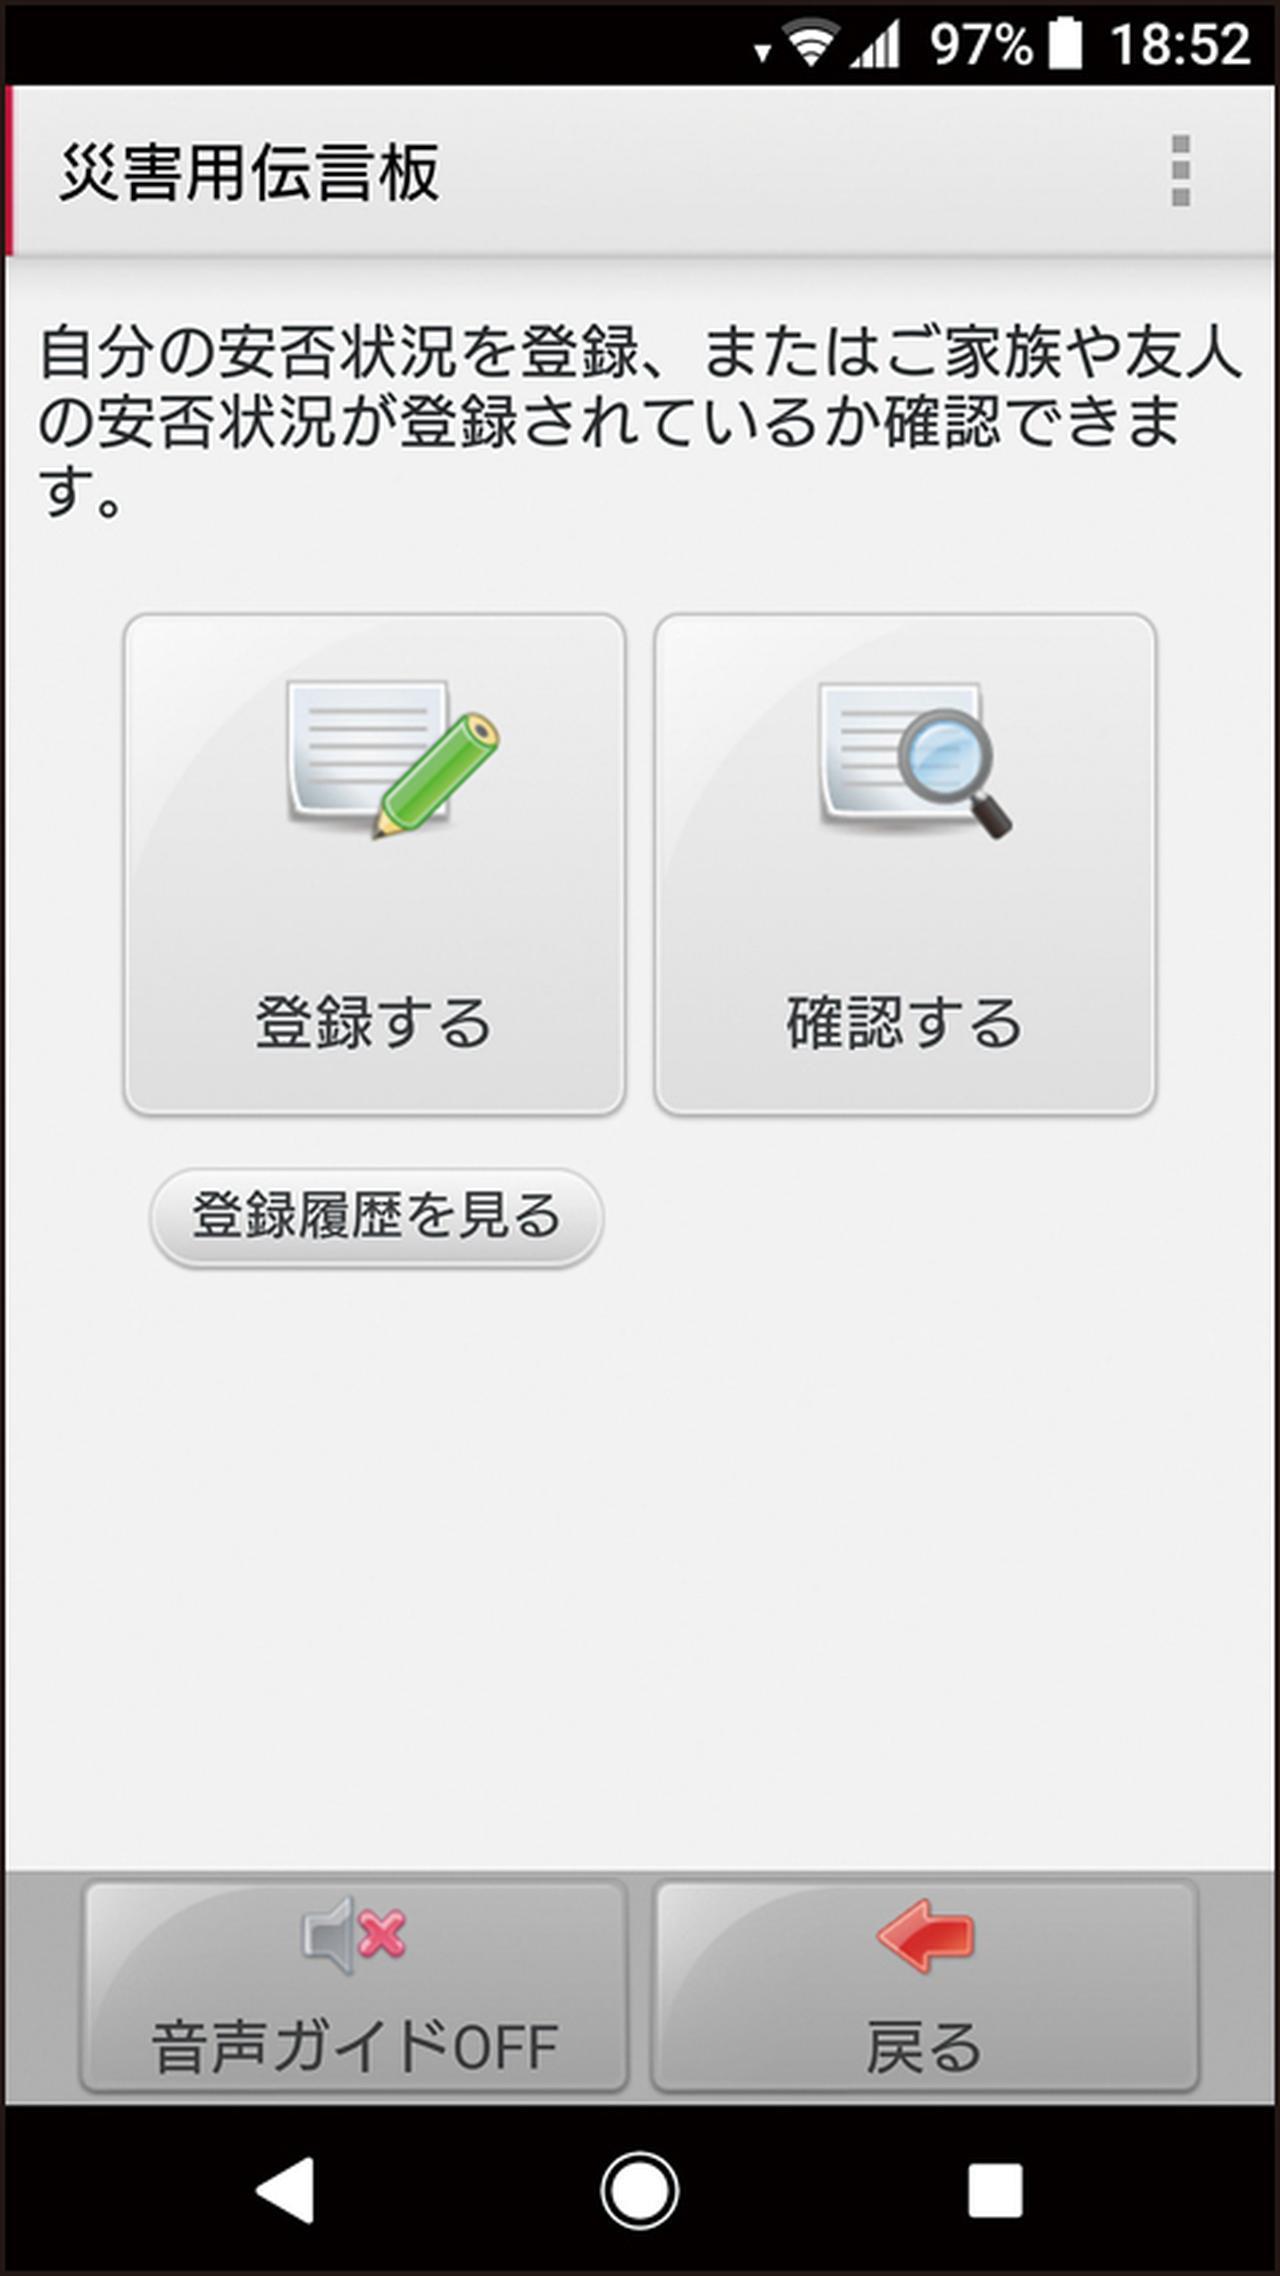 画像: 大規模災害が発生したときの「災害用伝言板」は、携帯電話番号にひも付けて安否確認ができる。